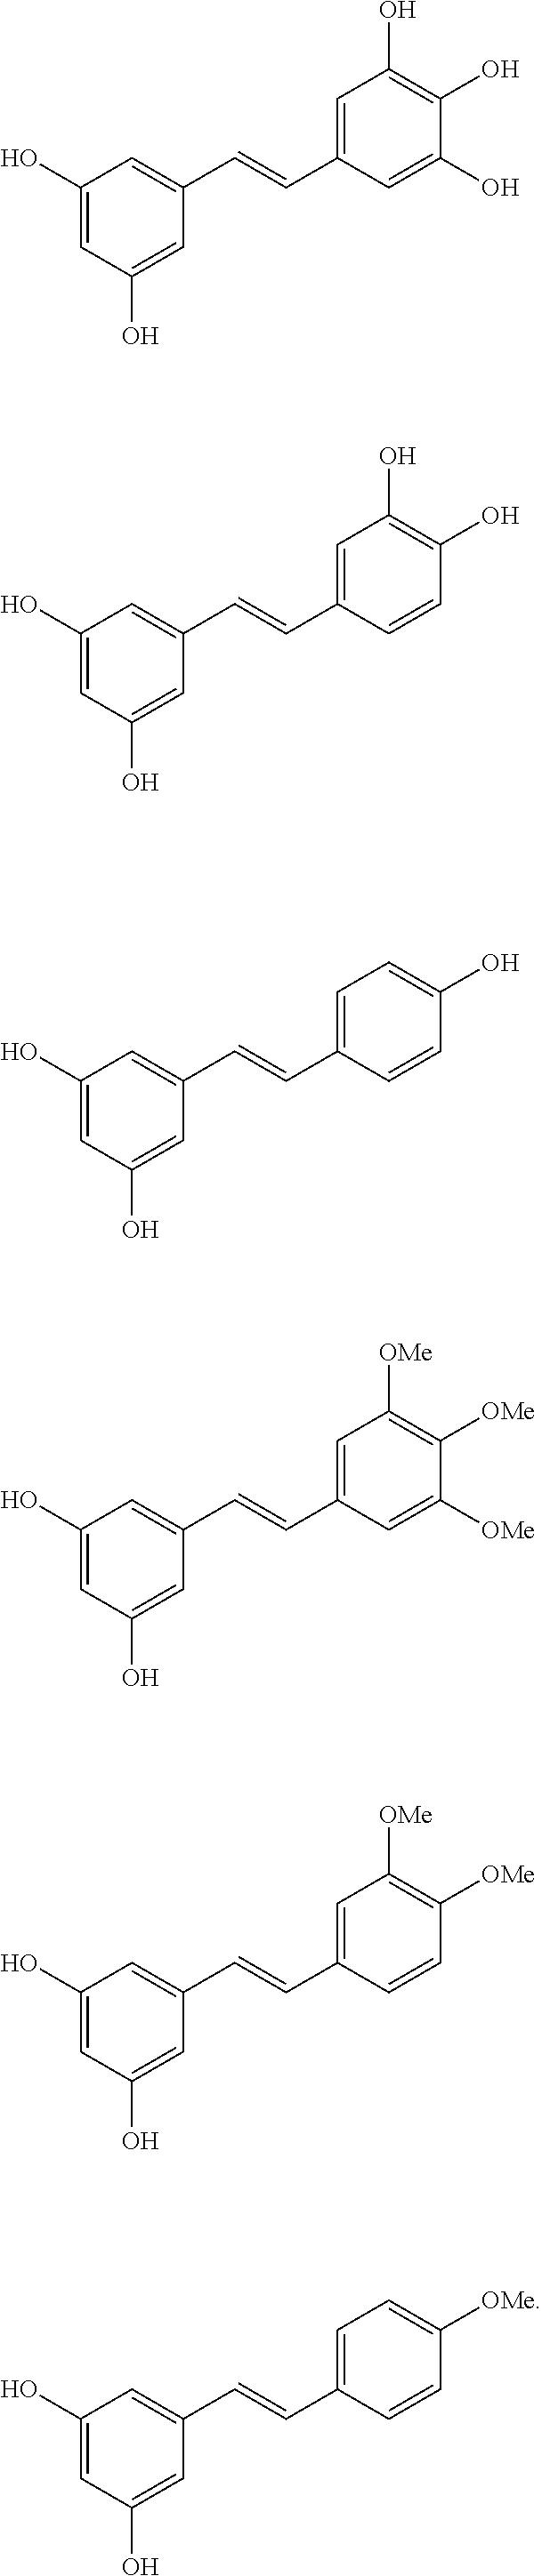 Figure US09962344-20180508-C00063